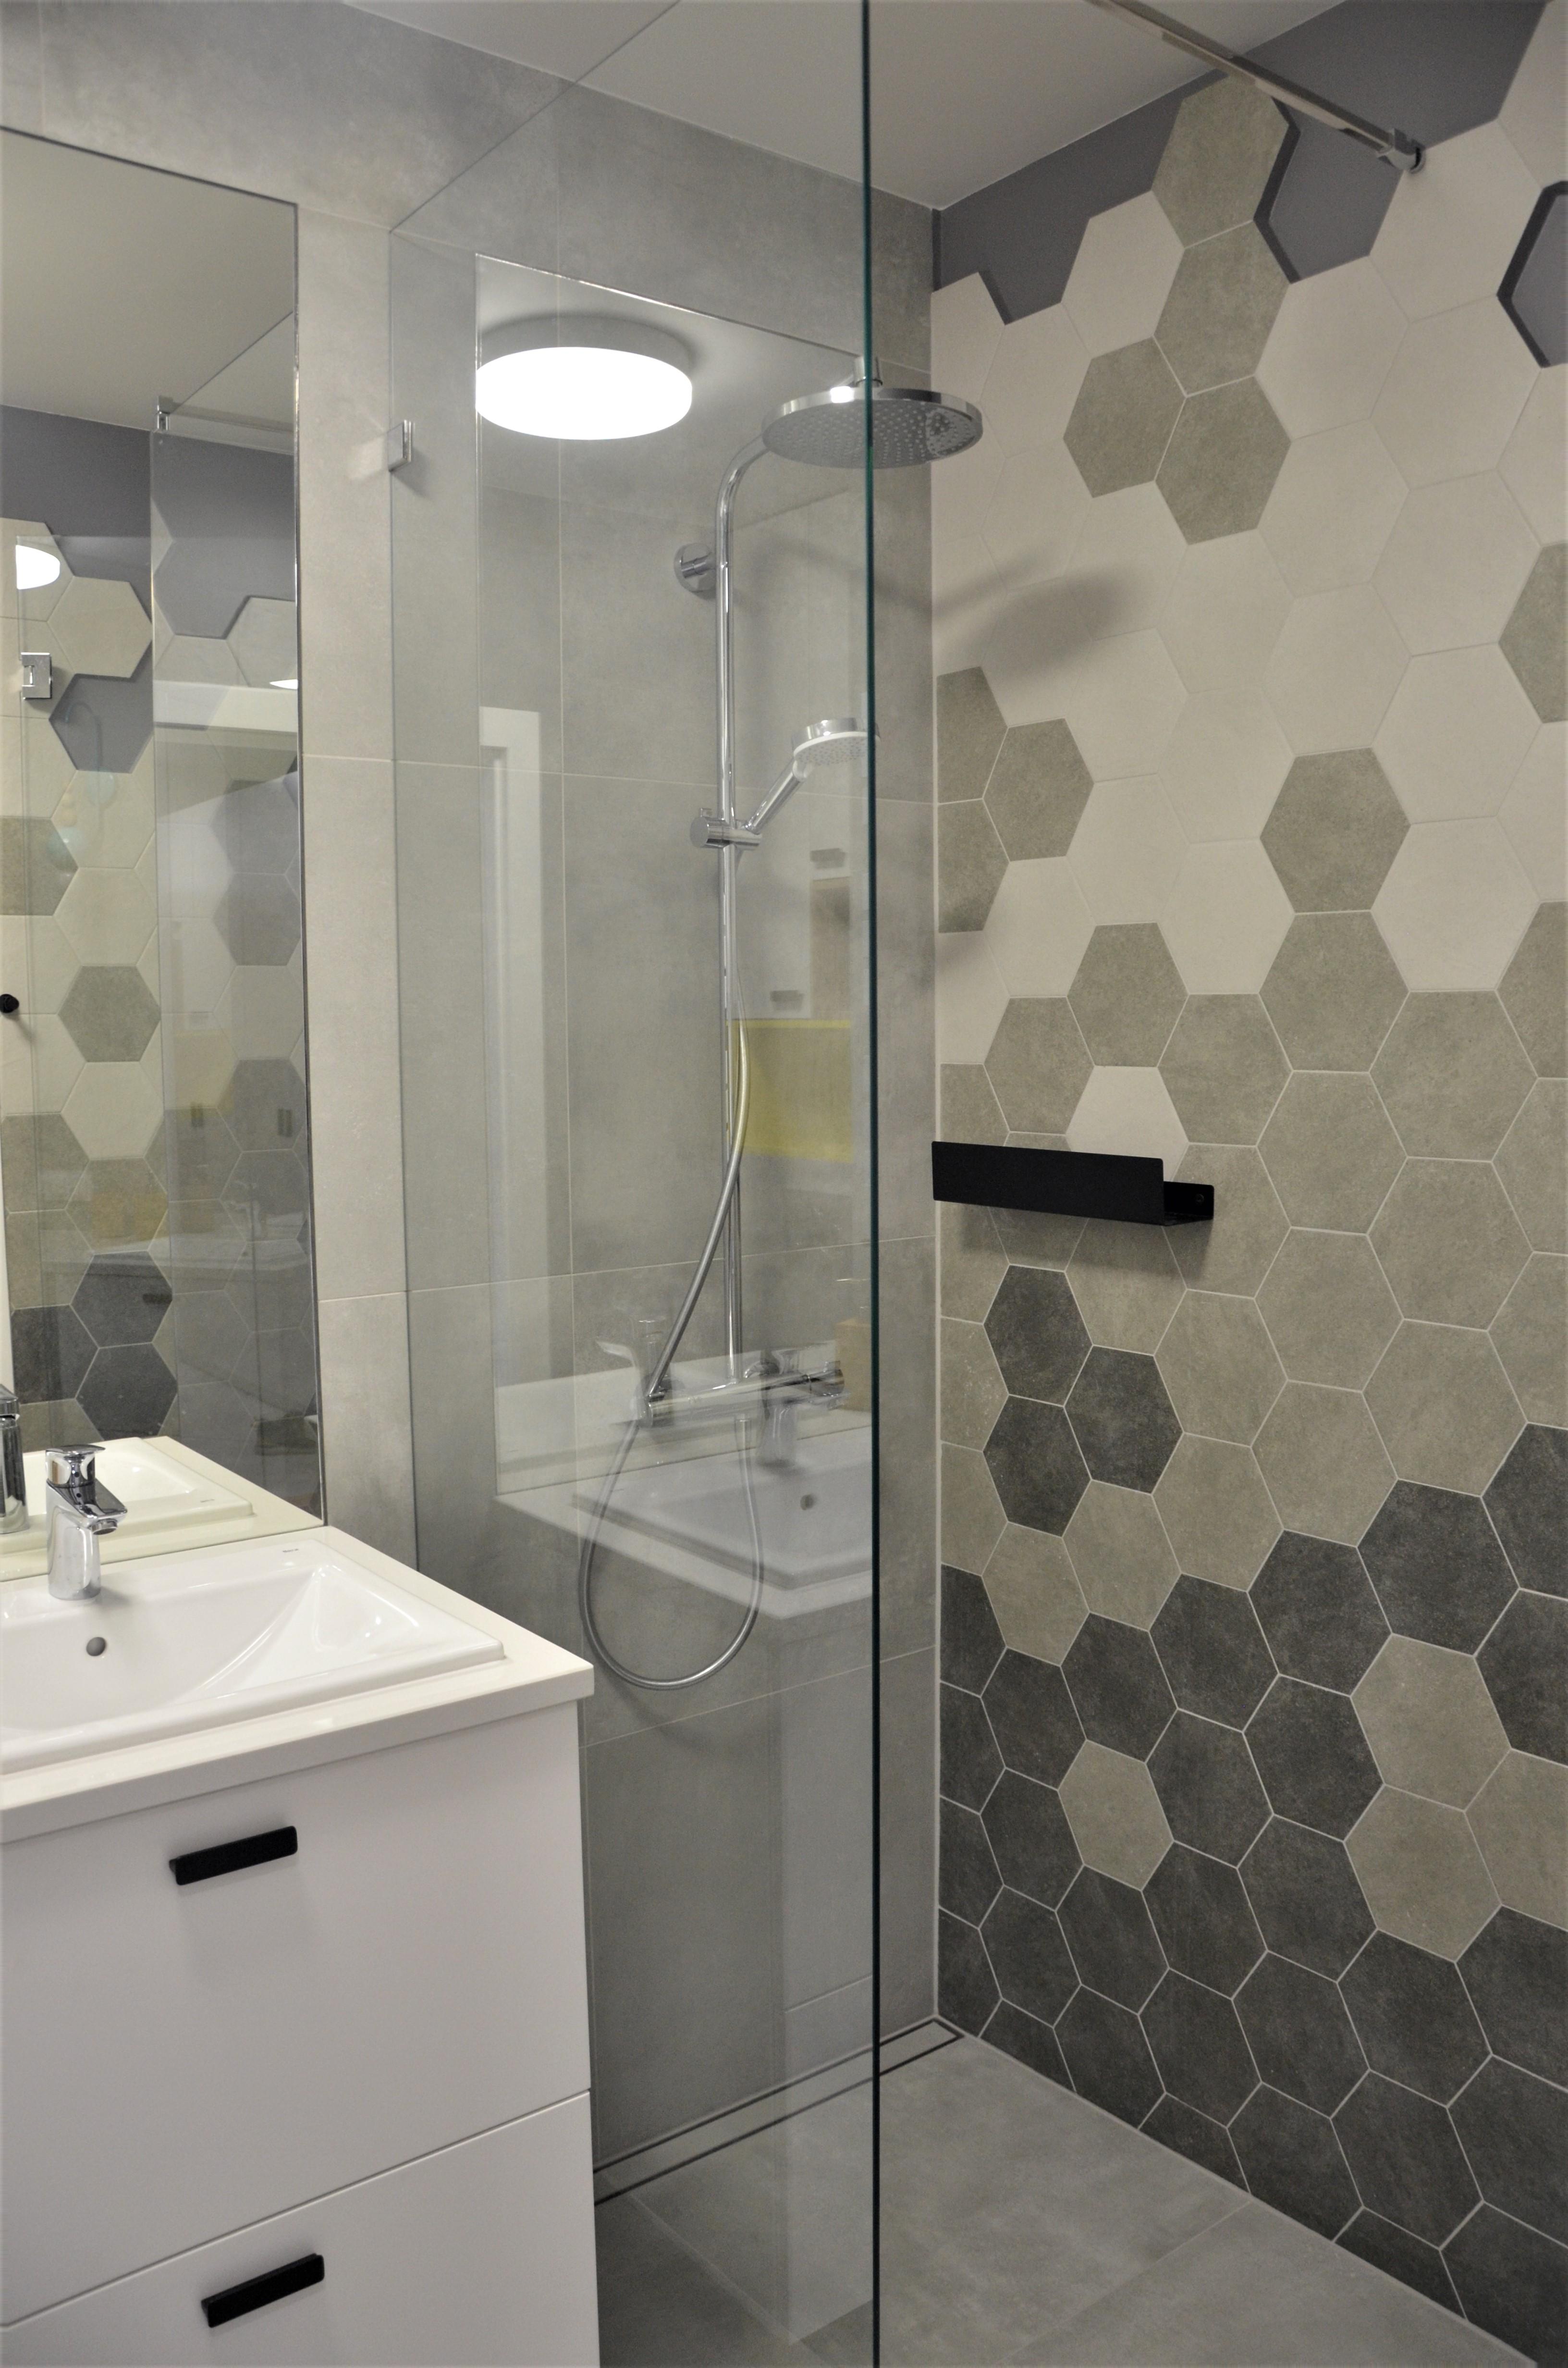 Zdjęcie 2 łazienki z kaflami